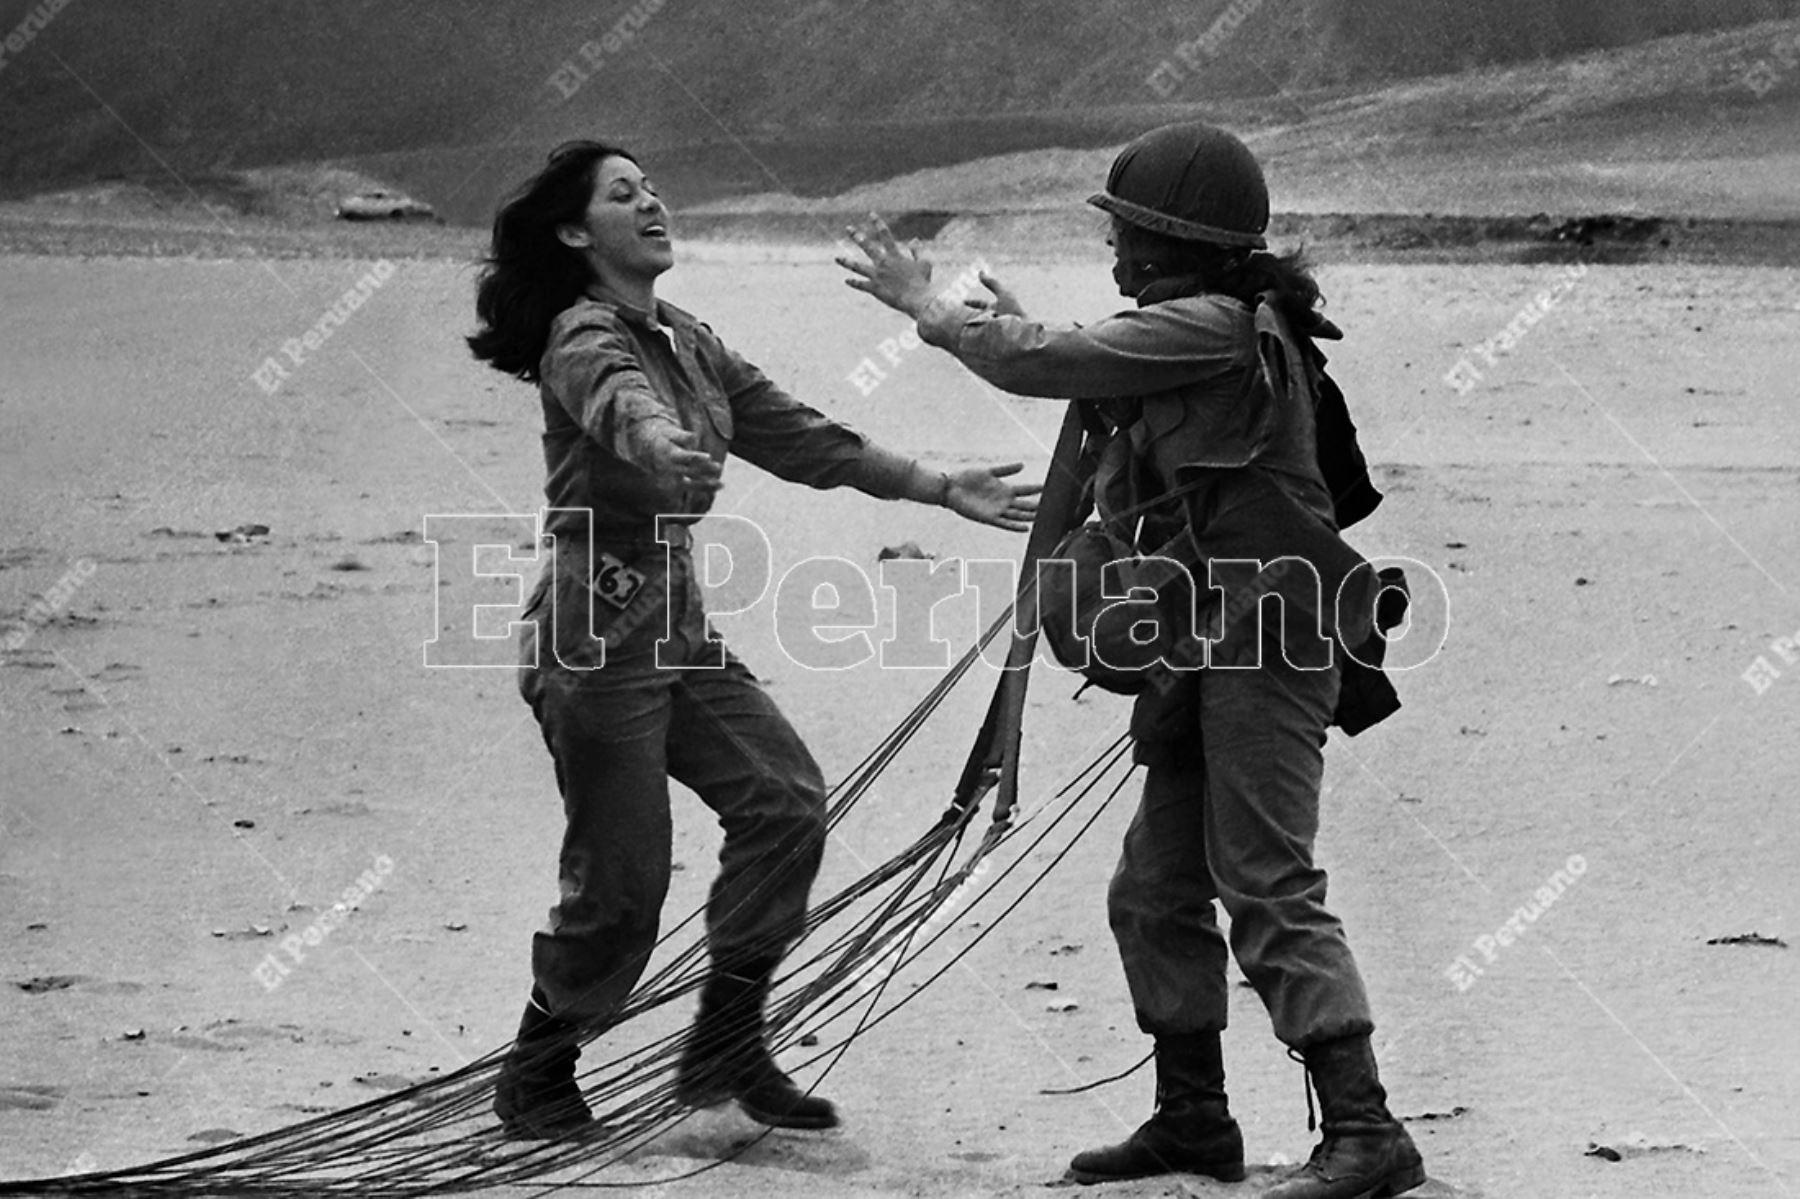 Lima - 25 setiembre 1975. Dos paracaidistas se saludan luego de tocar tierra. La primera promoción femenina de la Escuela de Paracaidistas del Ejército  efectuó con éxito el tercer salto, salto de graduación. Archivo Histórico de El Peruano / Rómulo Luján